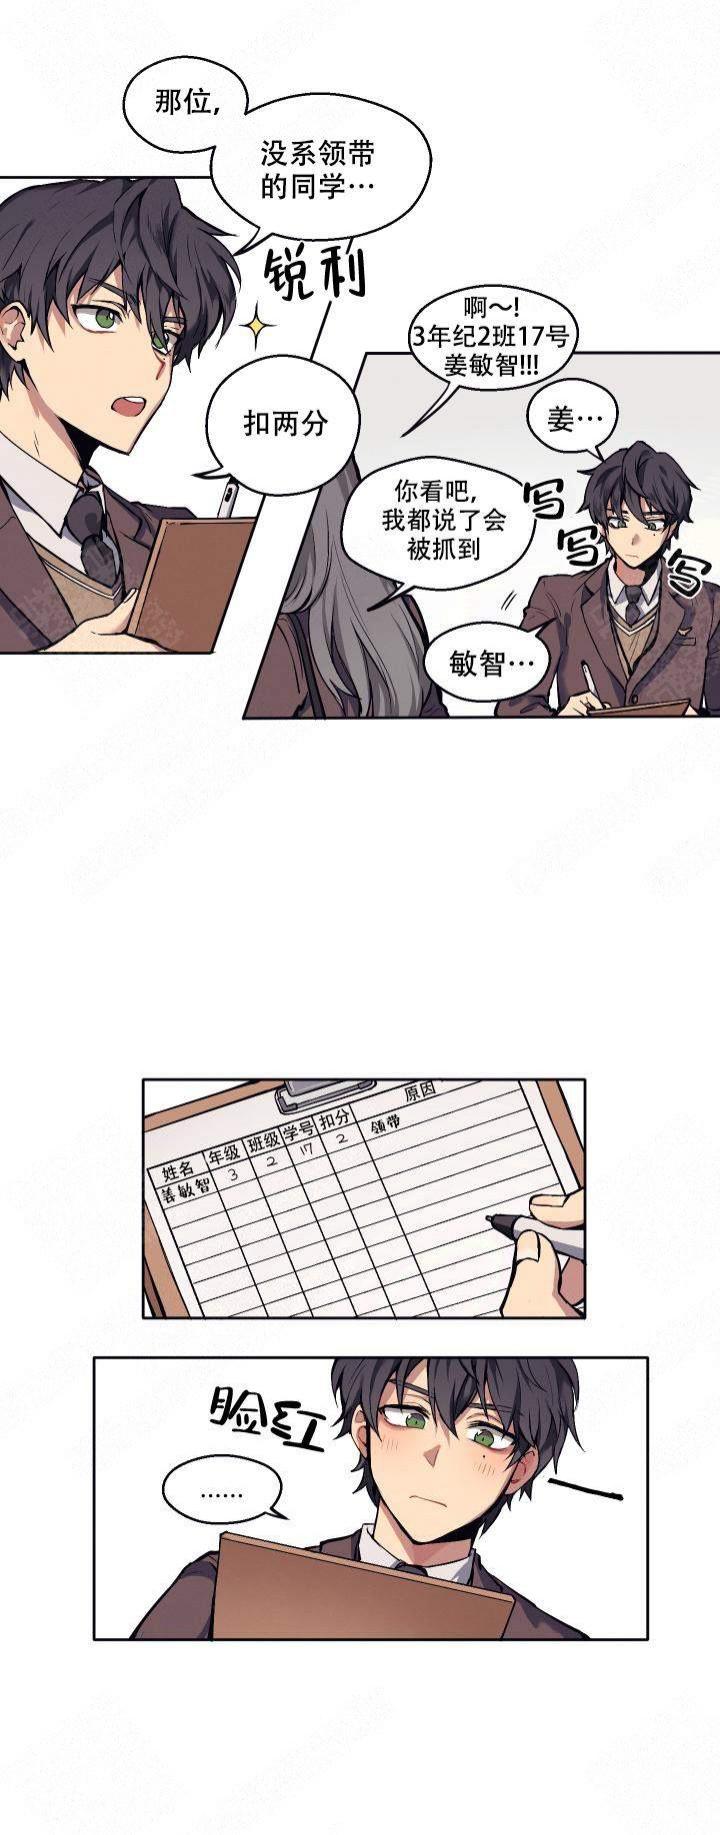 告诉我你的名字-漫画完整版汉化_最新连载更新至19话-啵乐漫画